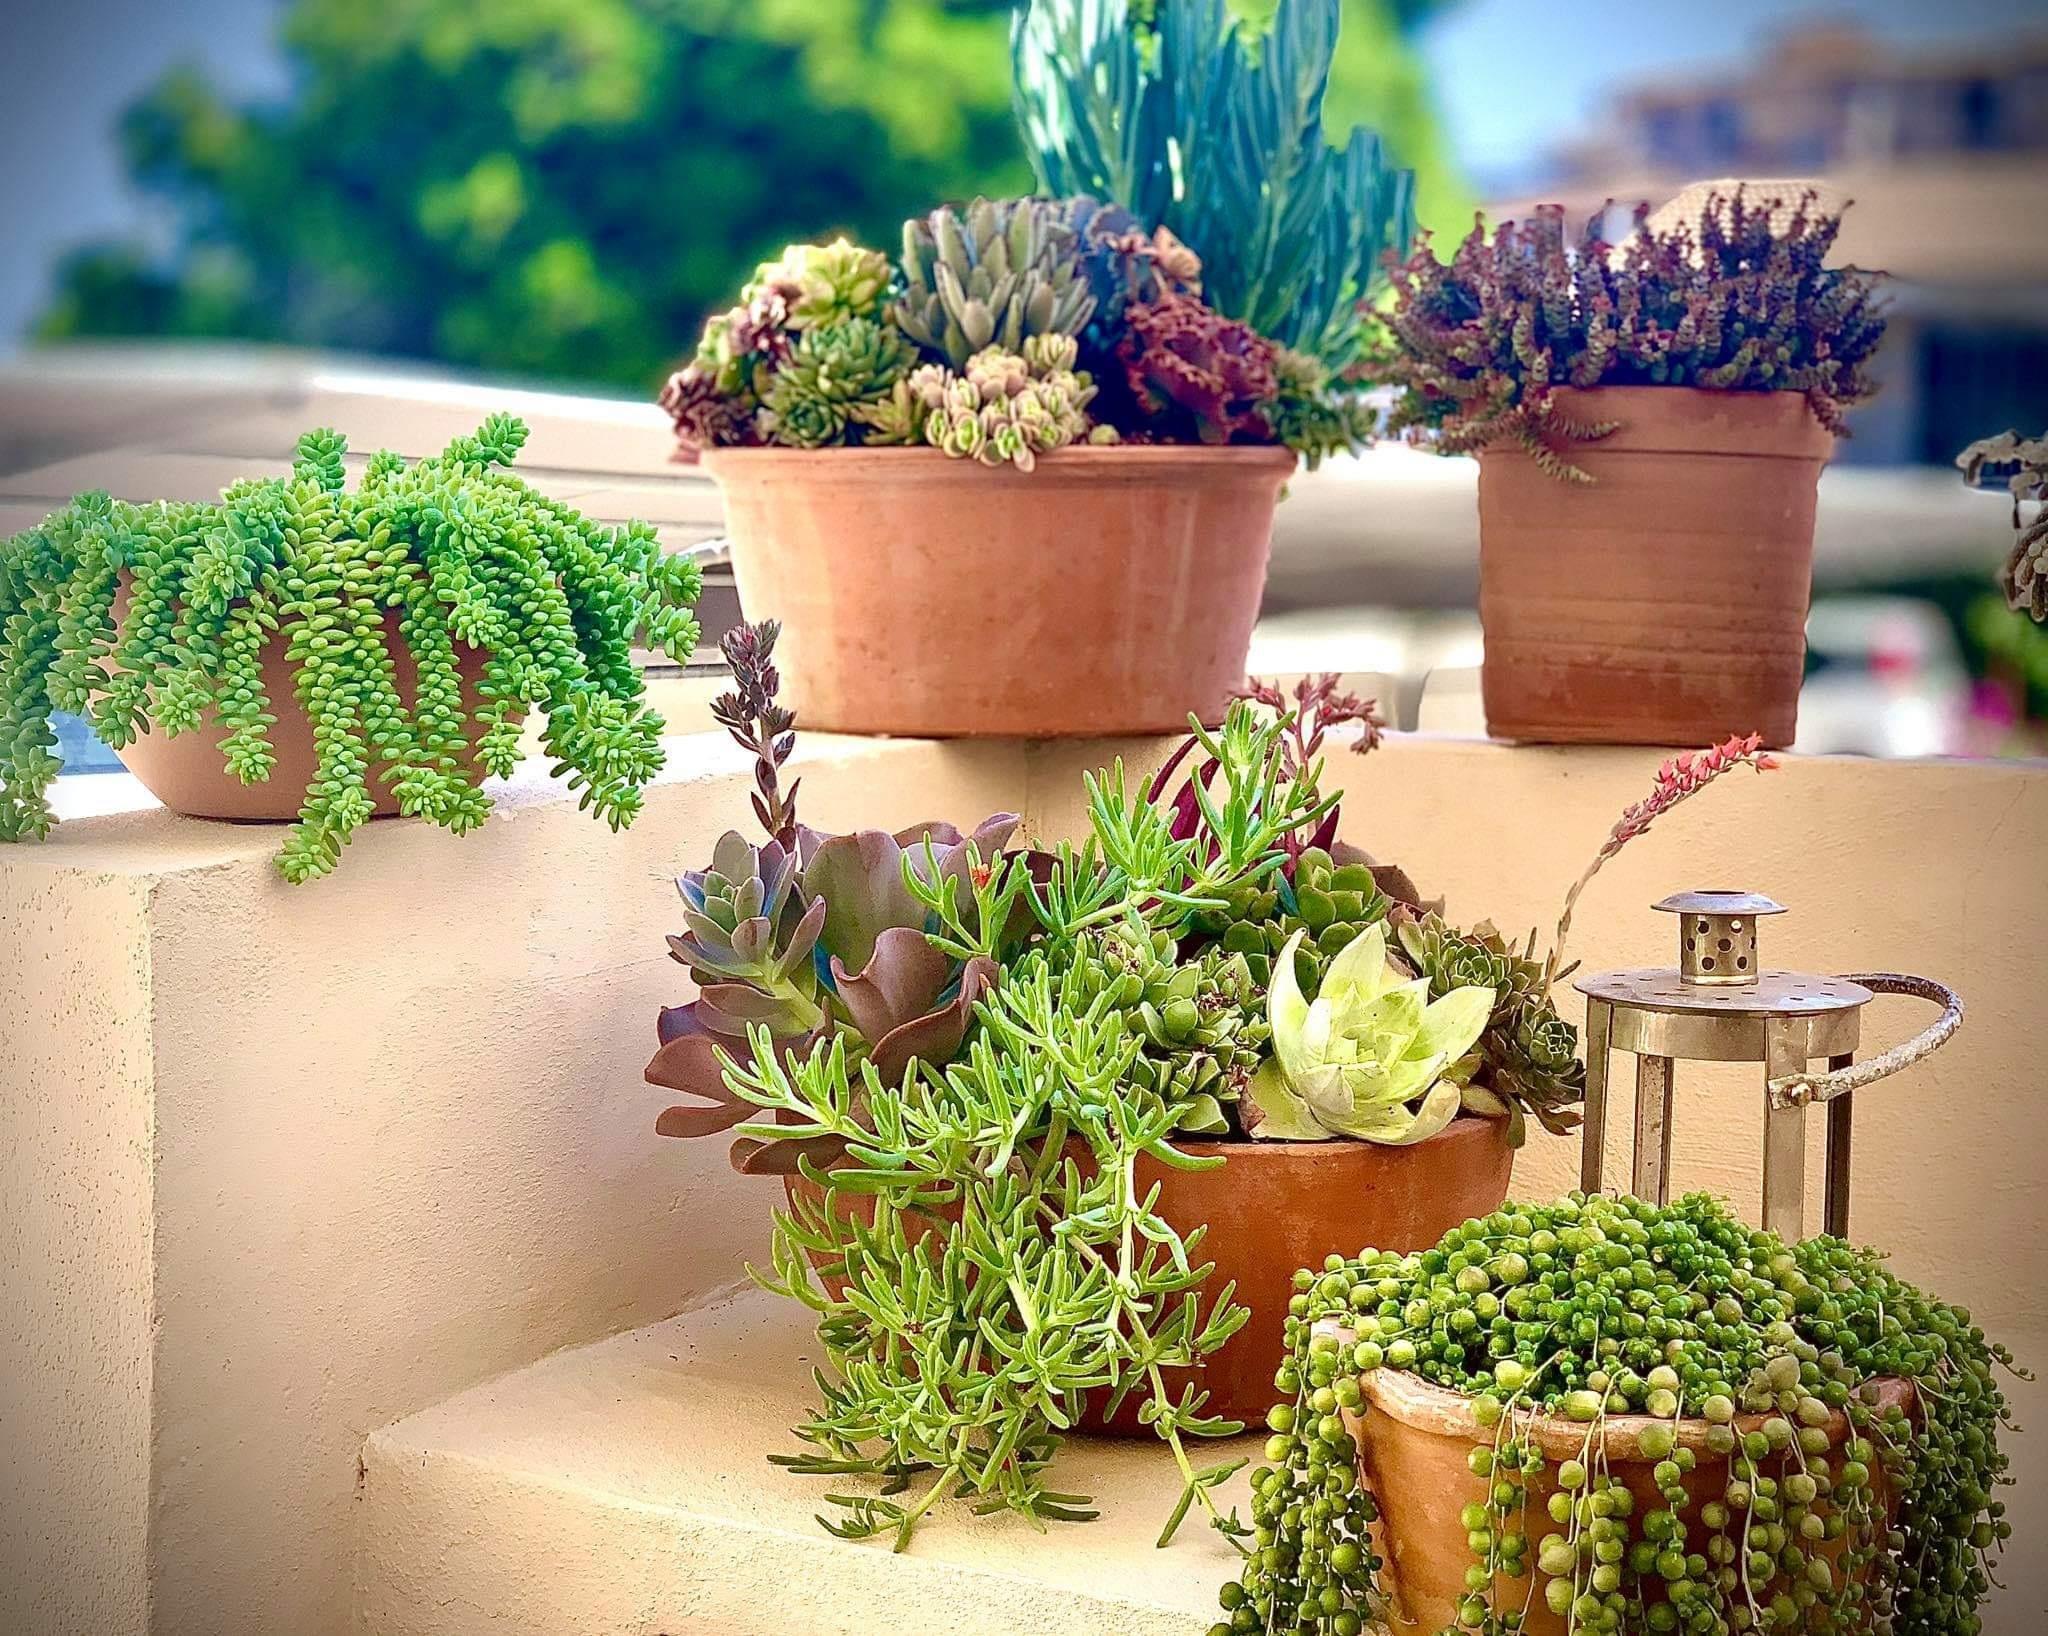 Beautiful pots of succulents